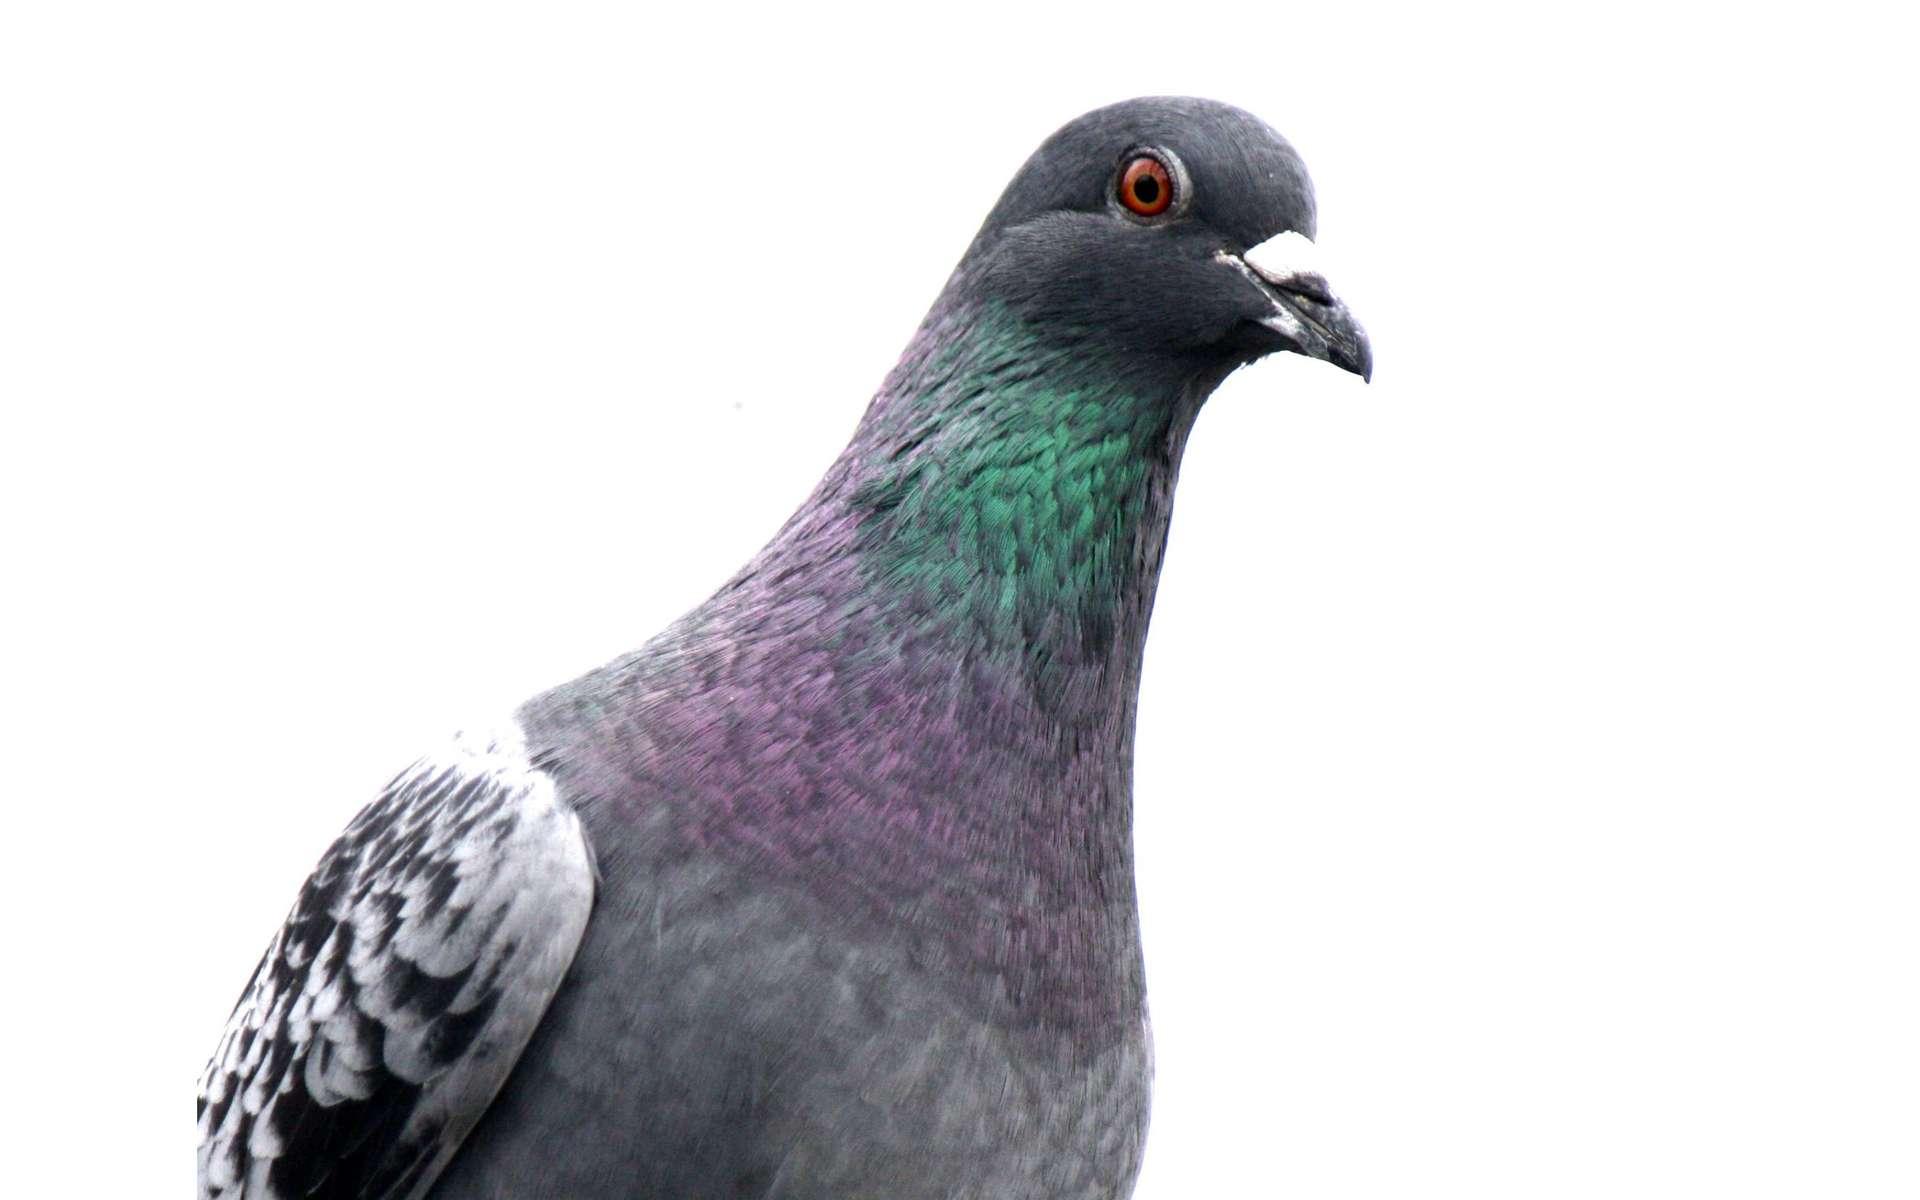 La boussole du pigeon ne serait pas dans son bec mais dans son œil. © jans canon, Flickr, CC by 2.0